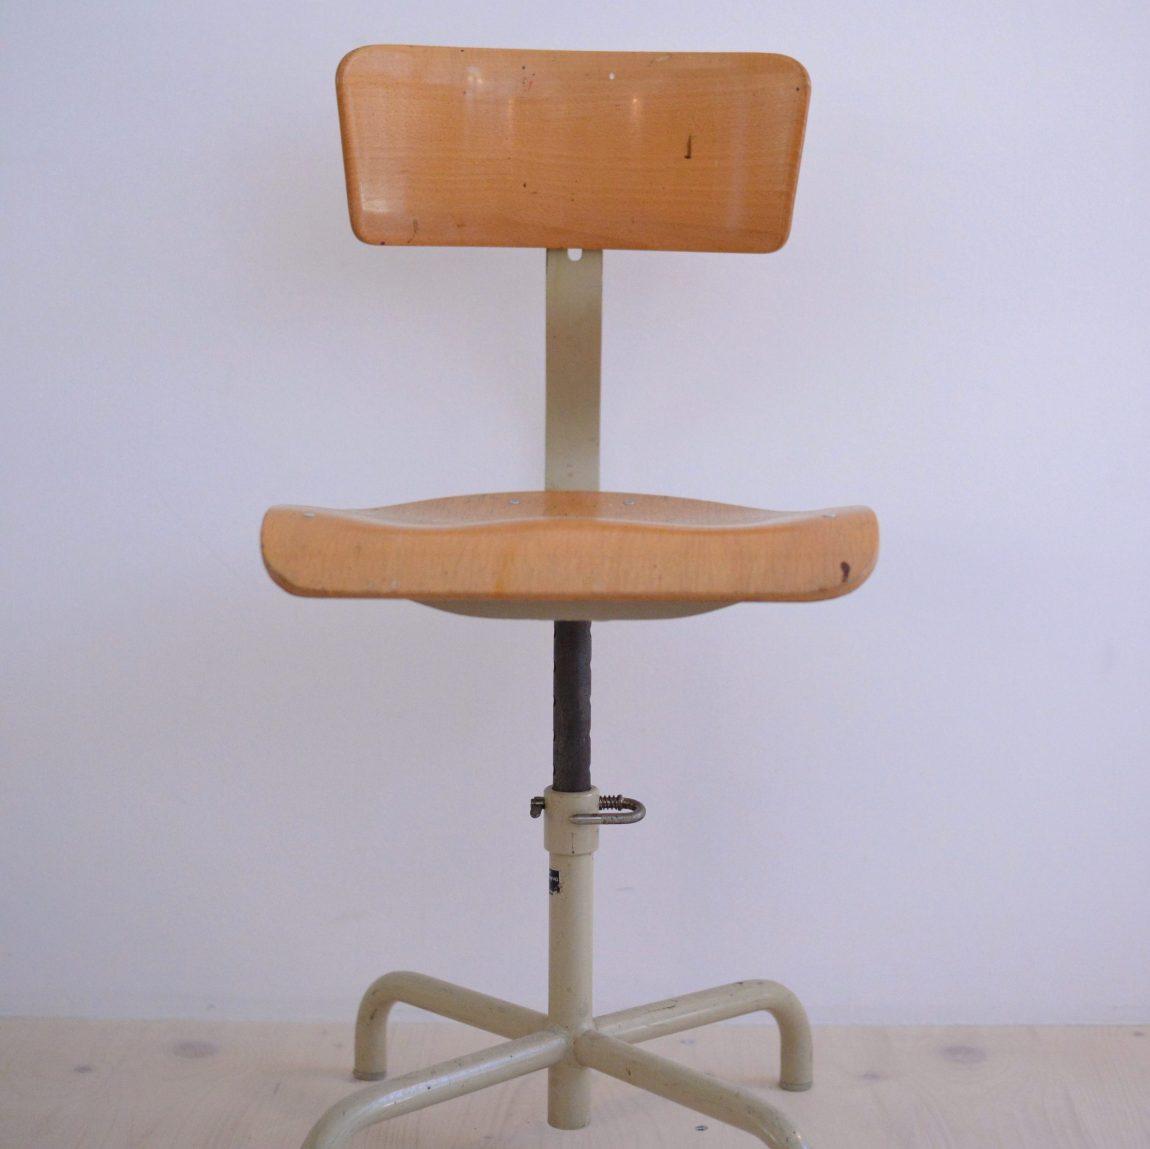 Bigla Office Chair heyday möbel moebel Zürich Zurich Binz